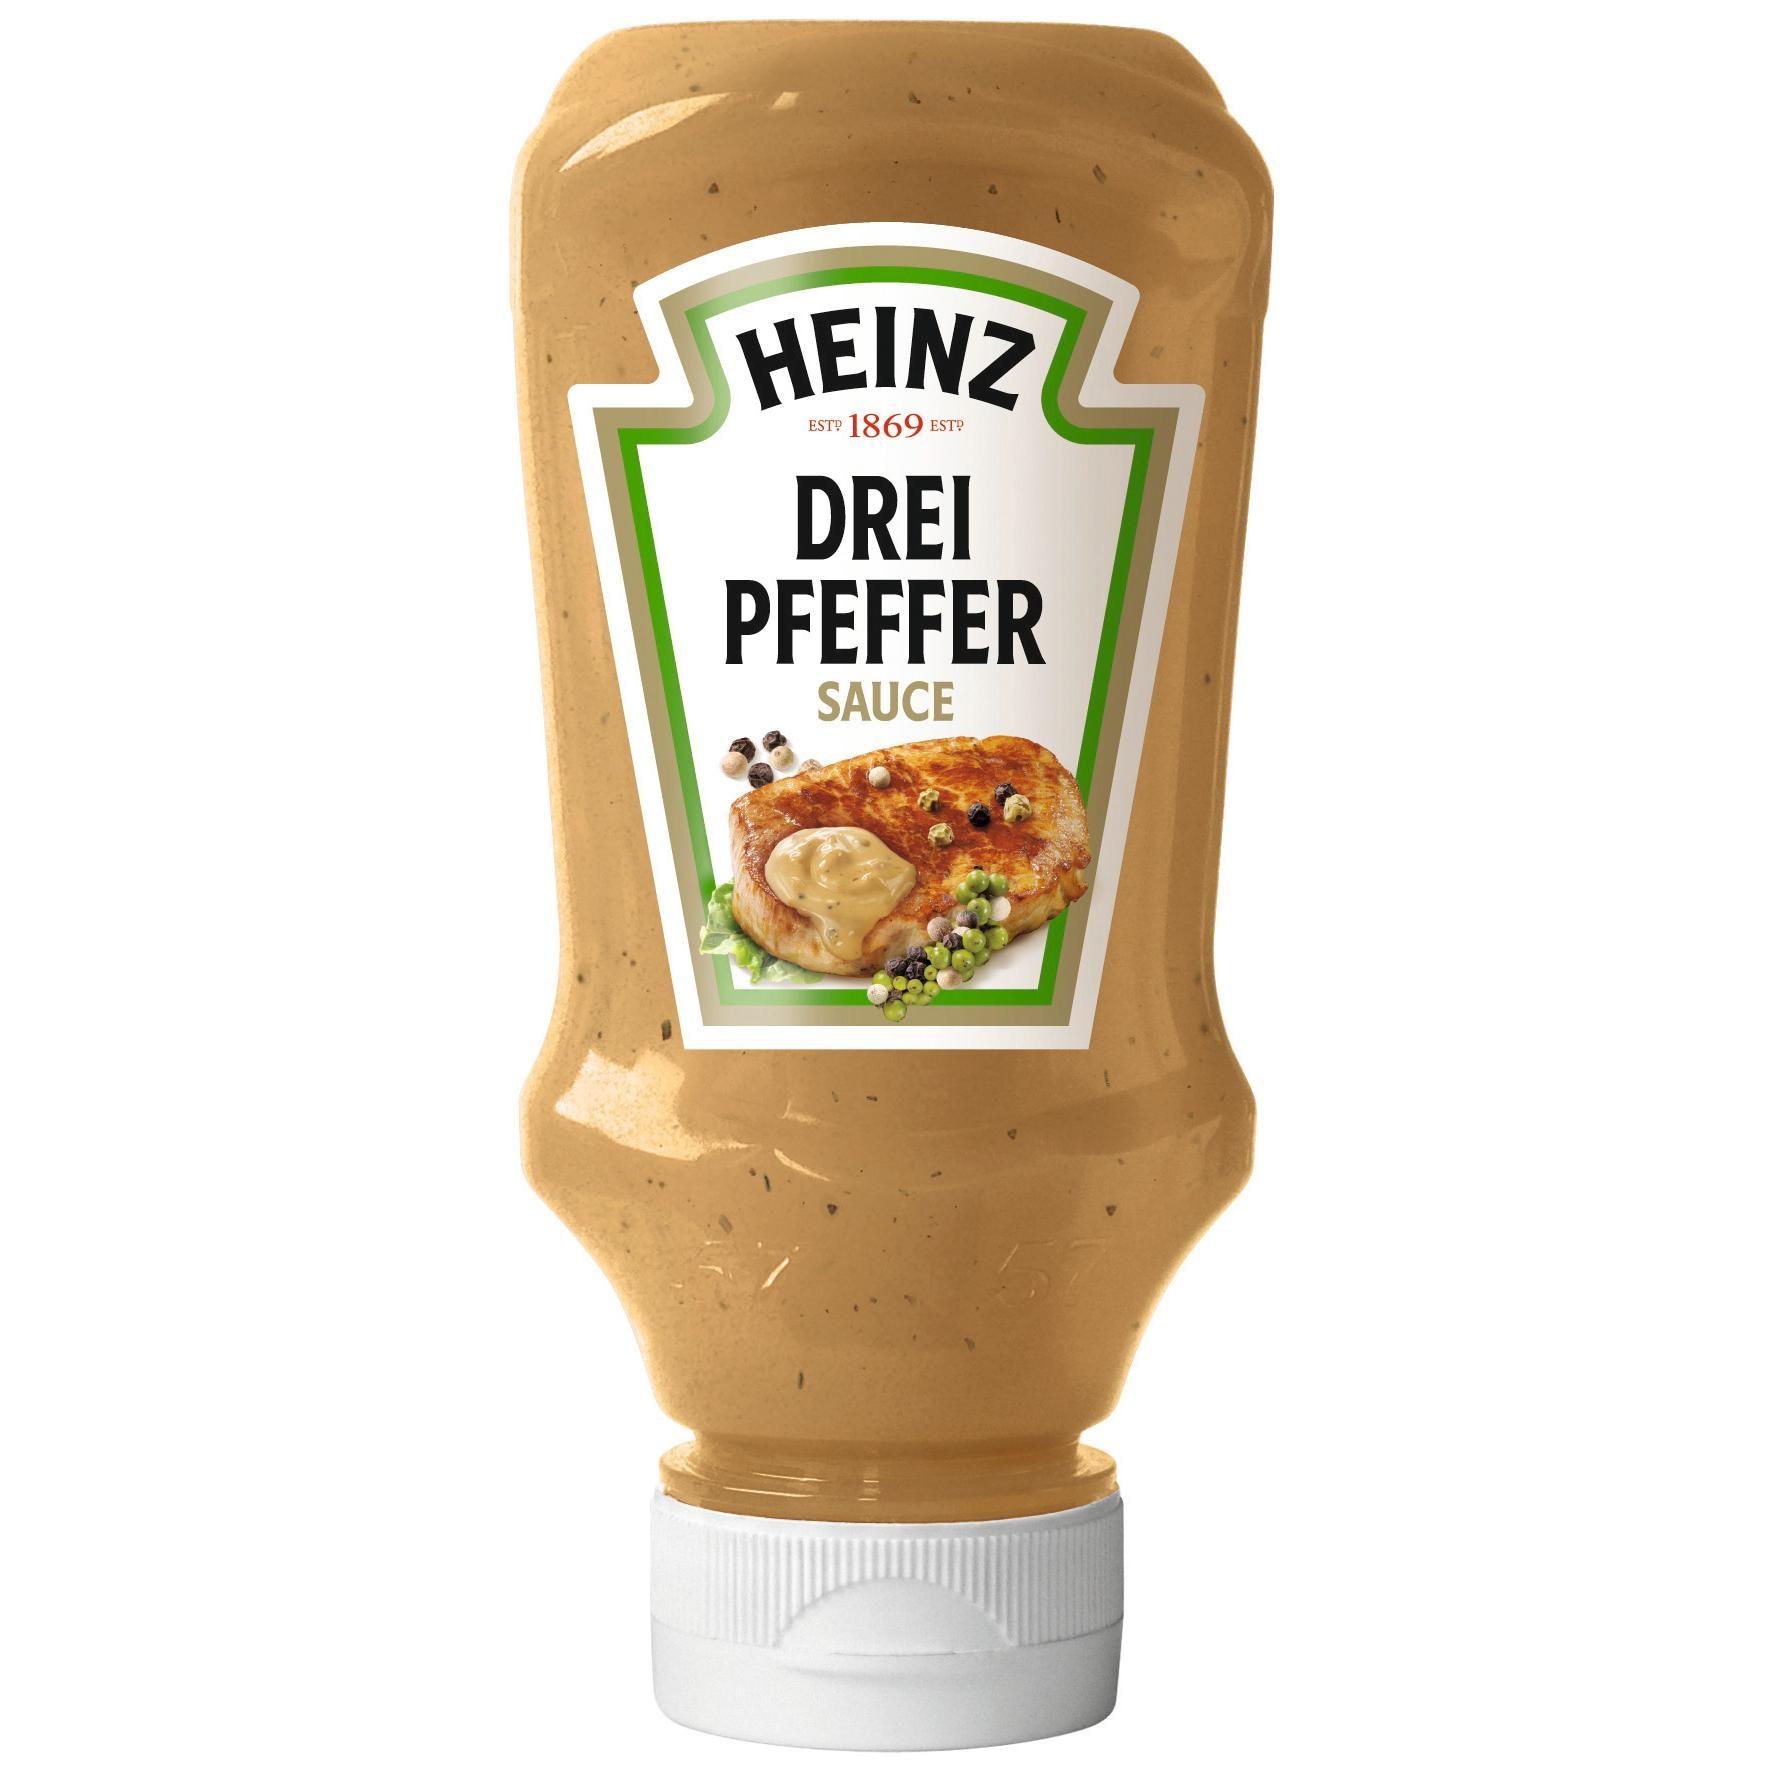 Heinz - Drei Pfeffer Sauce - 220ml